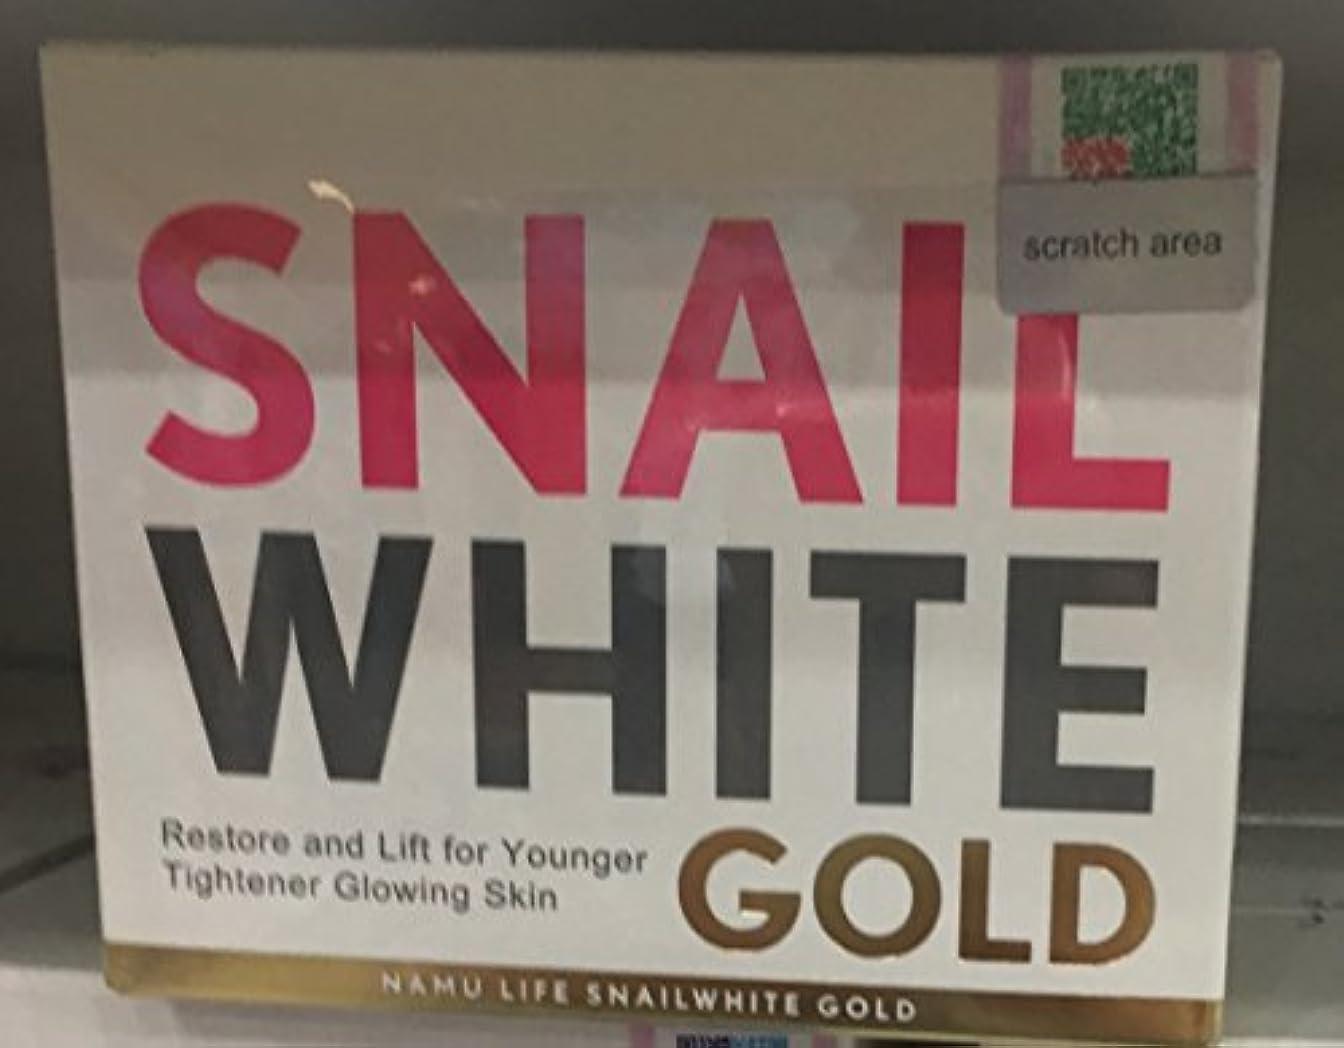 あたたかいガレージ闇ナムライフスパイニングゴールド50 ml ホワイトニング NAMU LIFE SNAILWHITE GOLD 50 ml